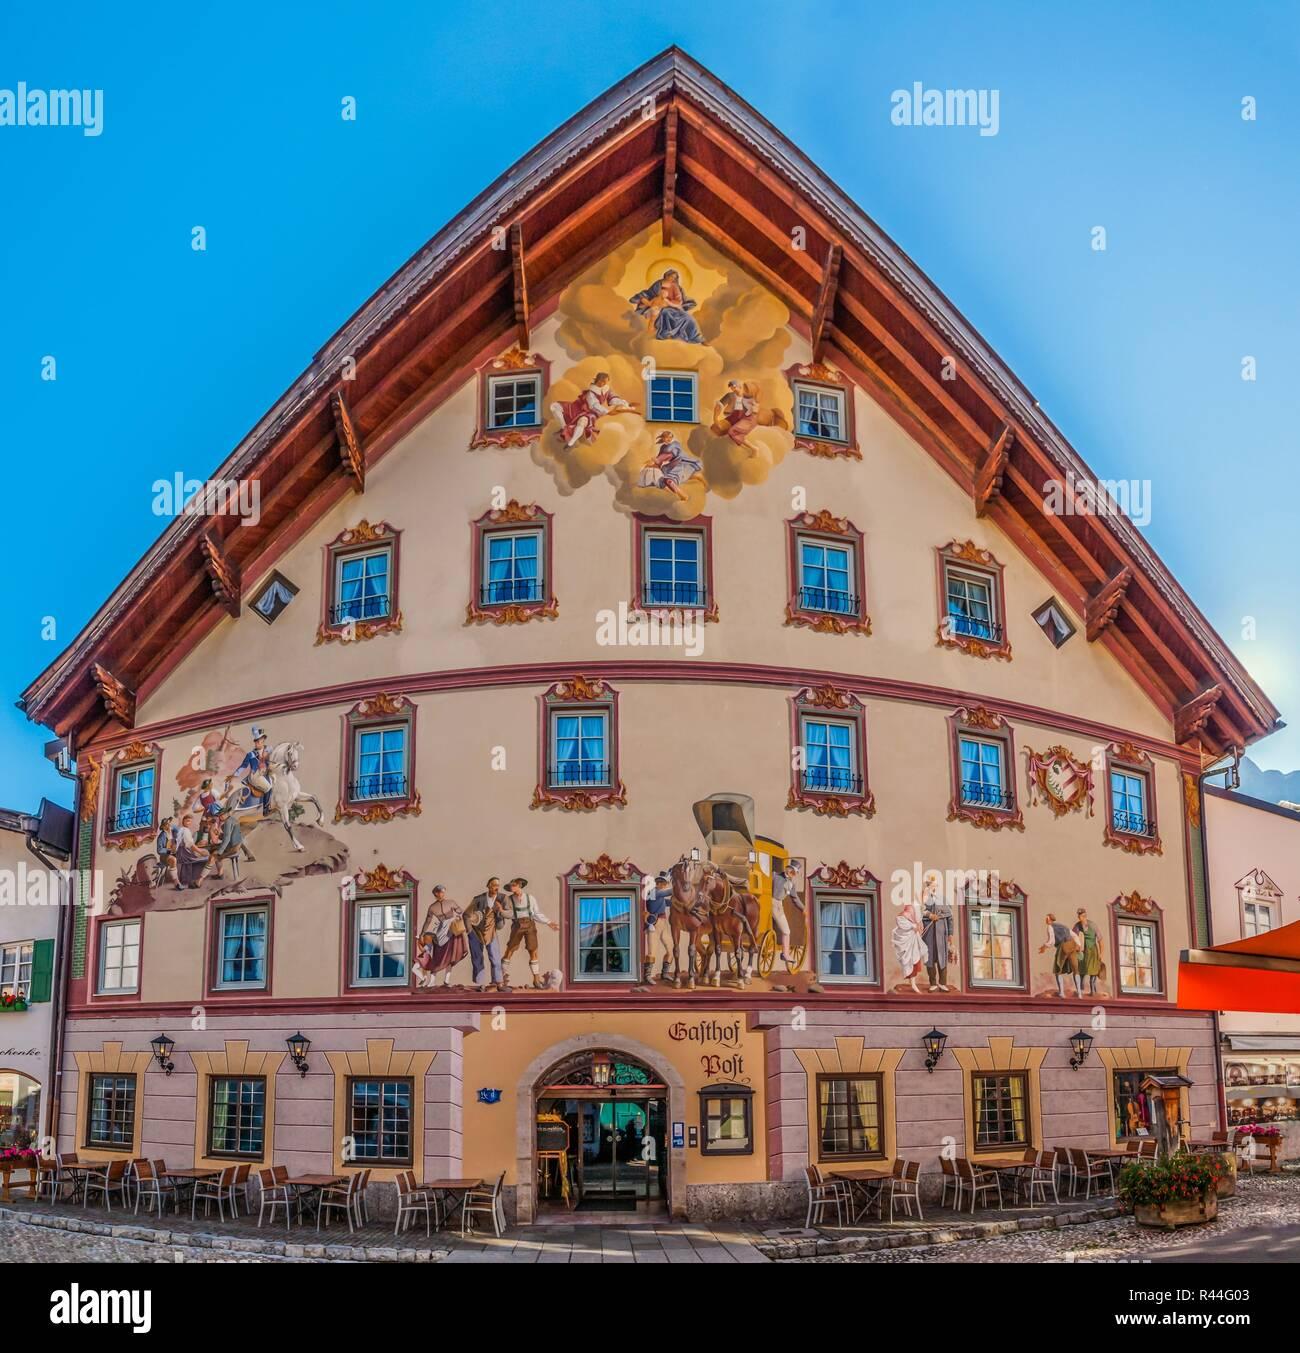 Mittenwald Geschäfts- und Wohnhaus mit einer alten Fassade lackieren Fassade in einer engen Straße als Panoramabild. Stockbild